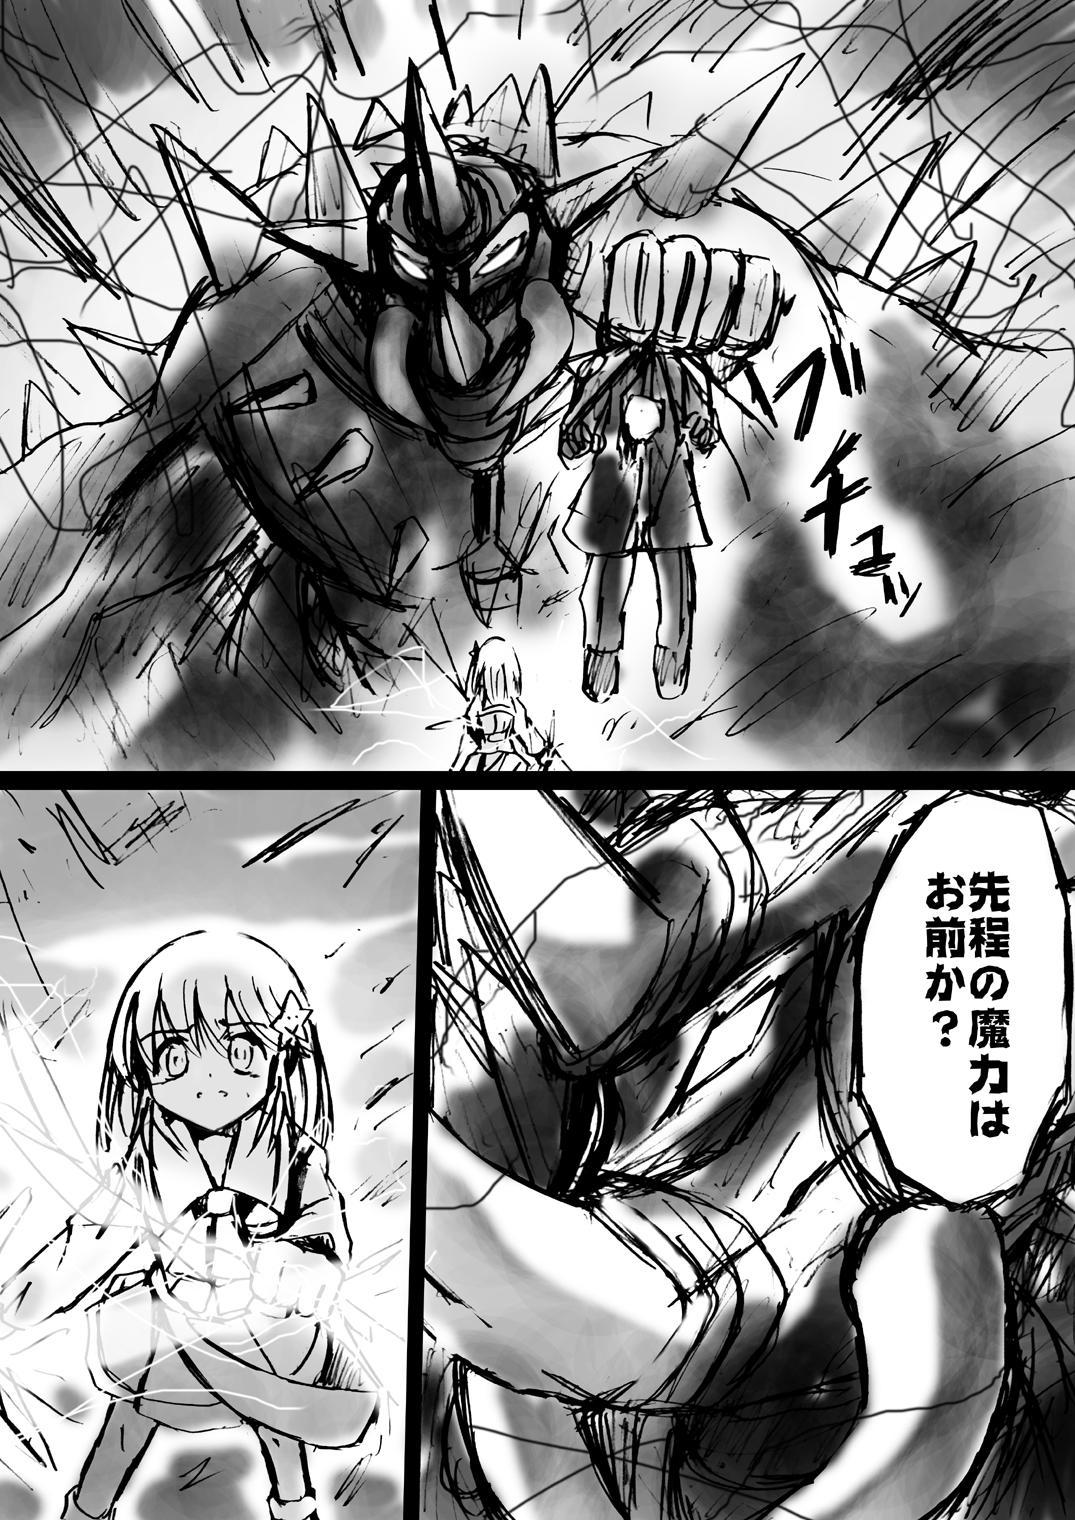 [Dende] Fushigi Sekai -Mystery World- Nonoha 5 ~Jokuma no Kyouniku no Tainai Shinshoku~ 136